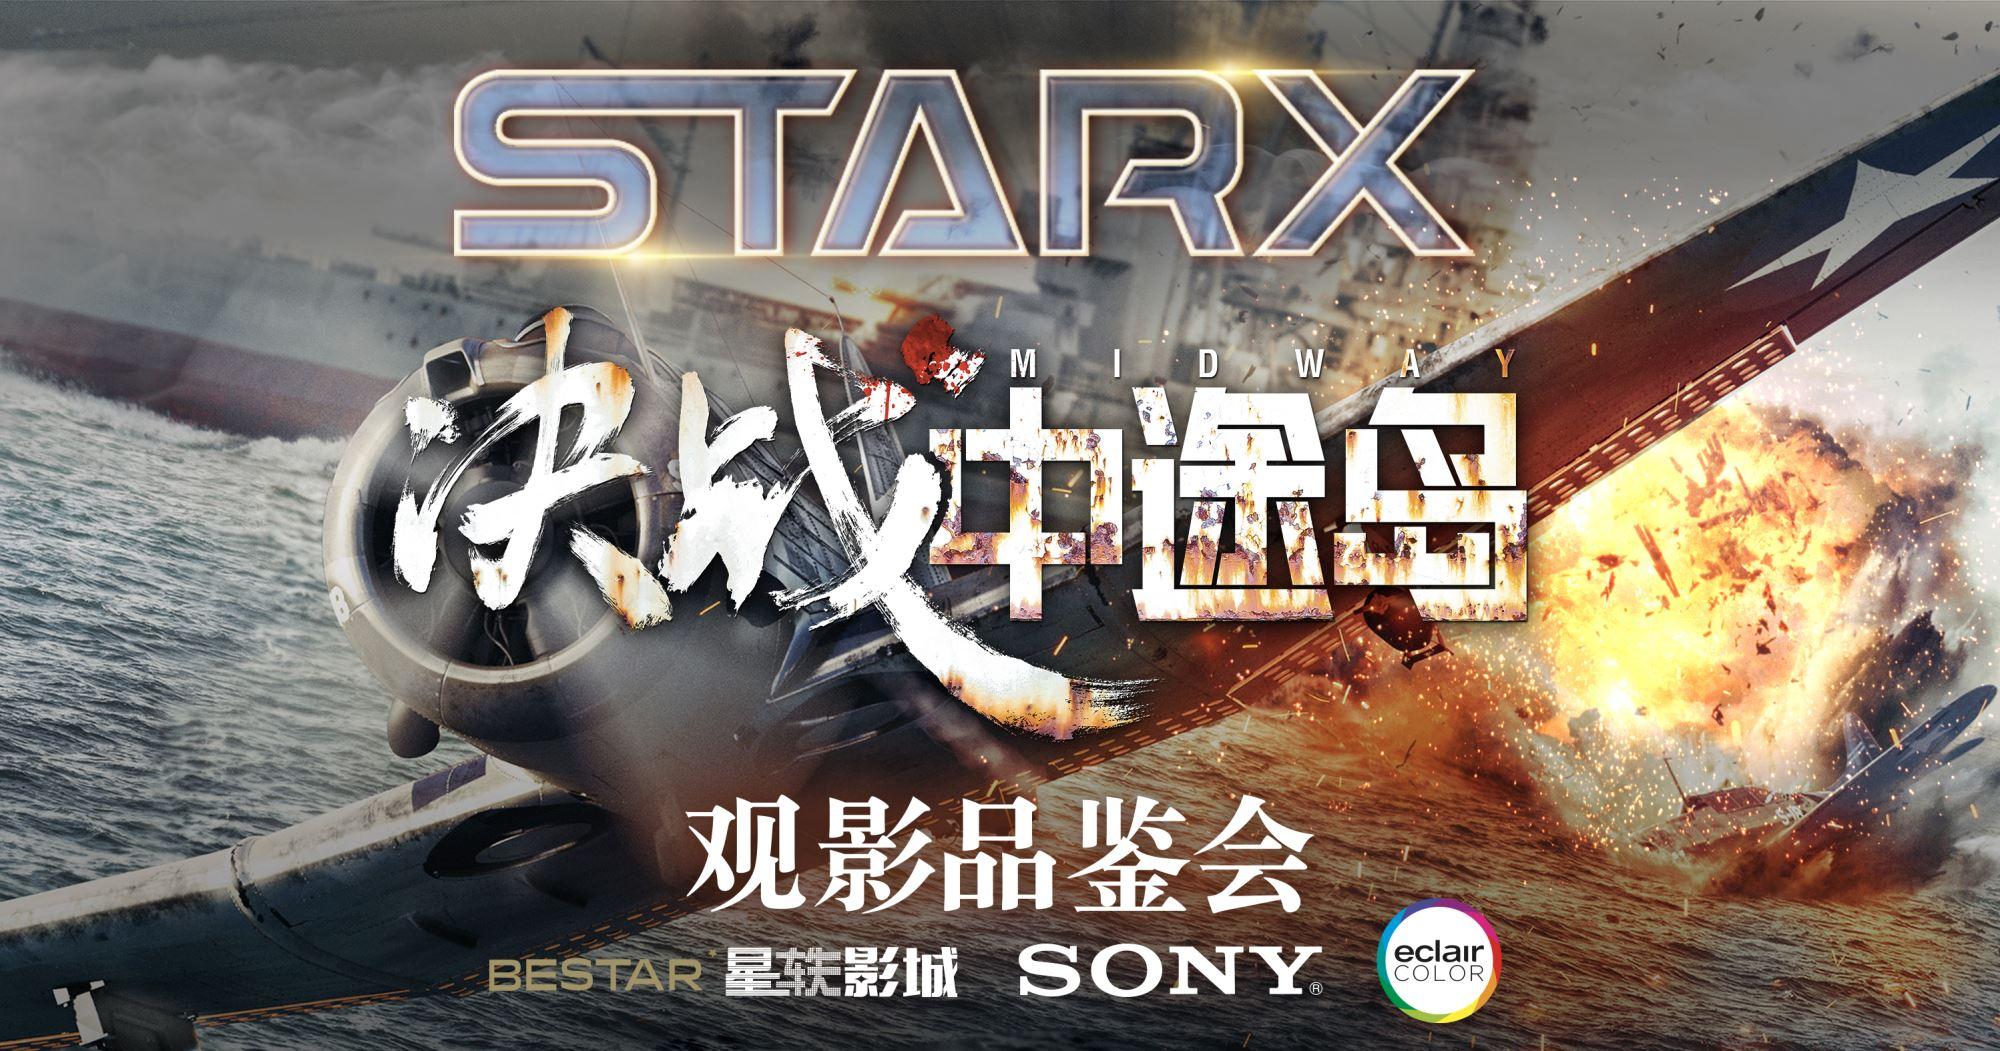 专访姜元鑫:进击的星轶STARX 拥有哪四大机会点?